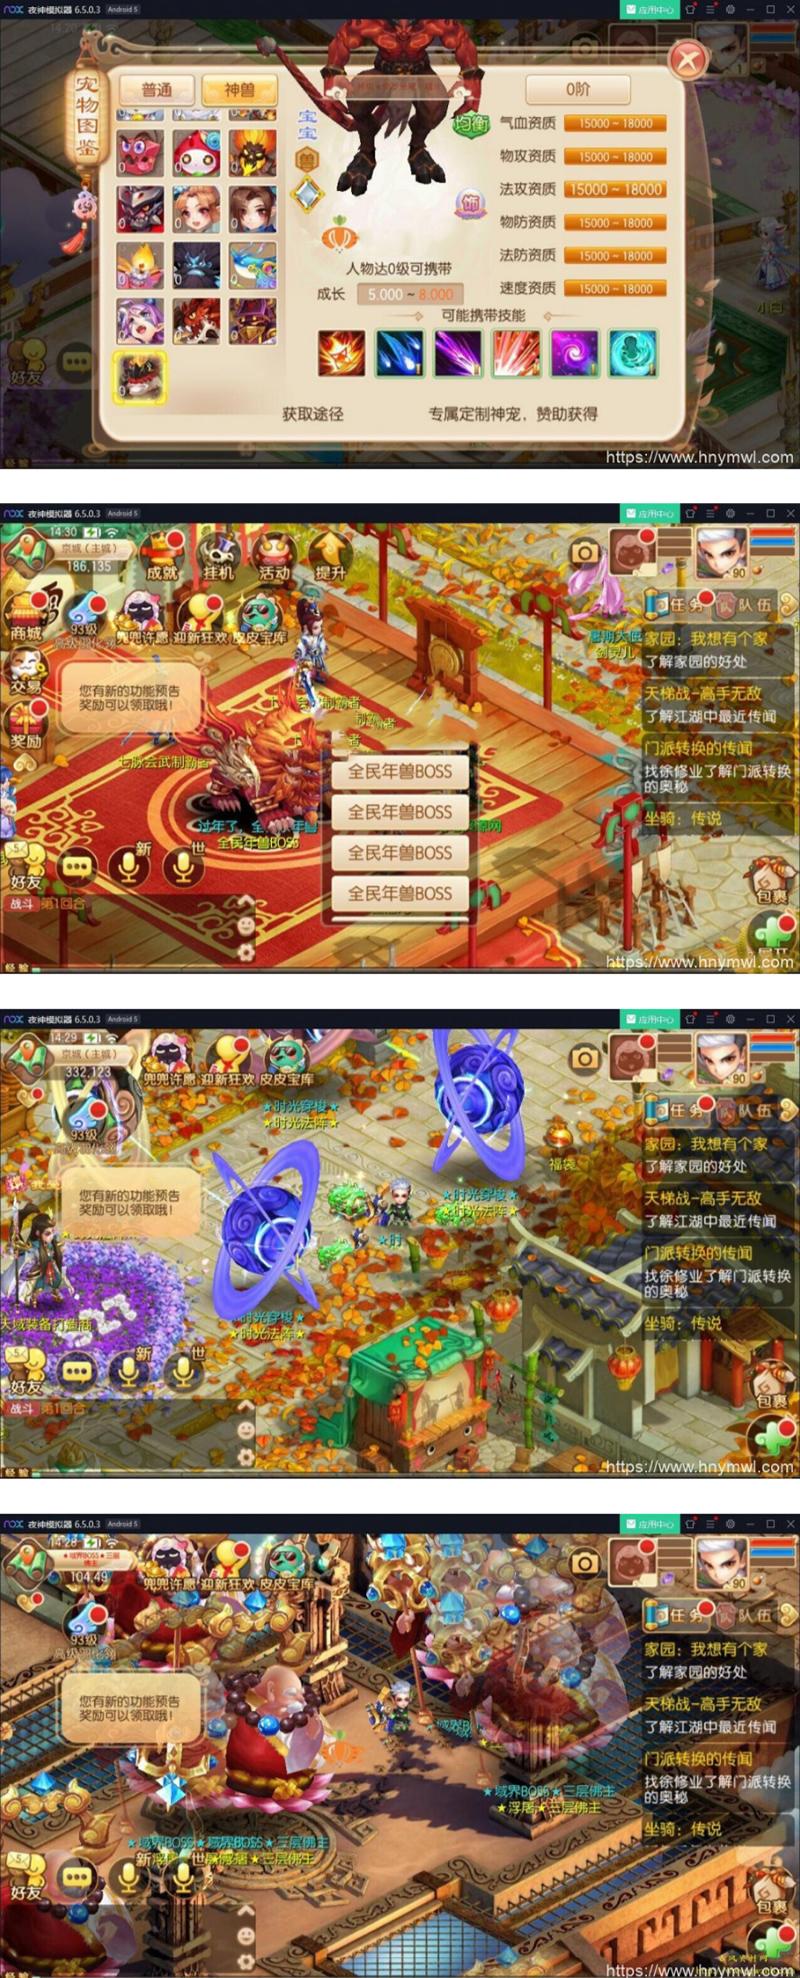 2020年新版梦幻诛仙天域屠龙游戏服务端-爱资源分享